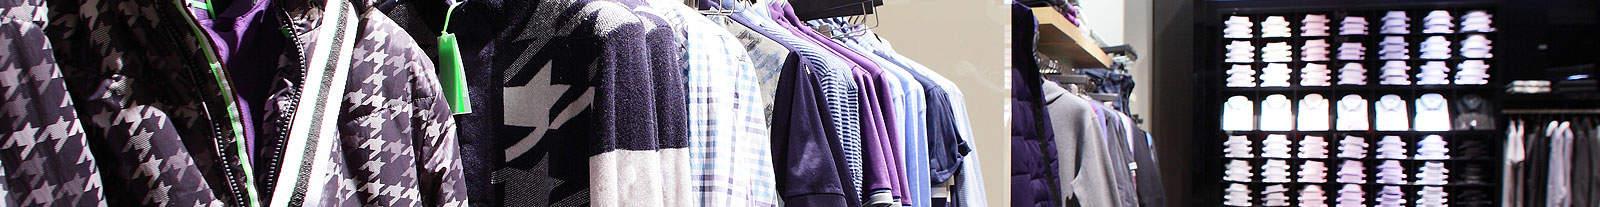 mantenimiento-comercios-locales-tiendas-redes-seguridad